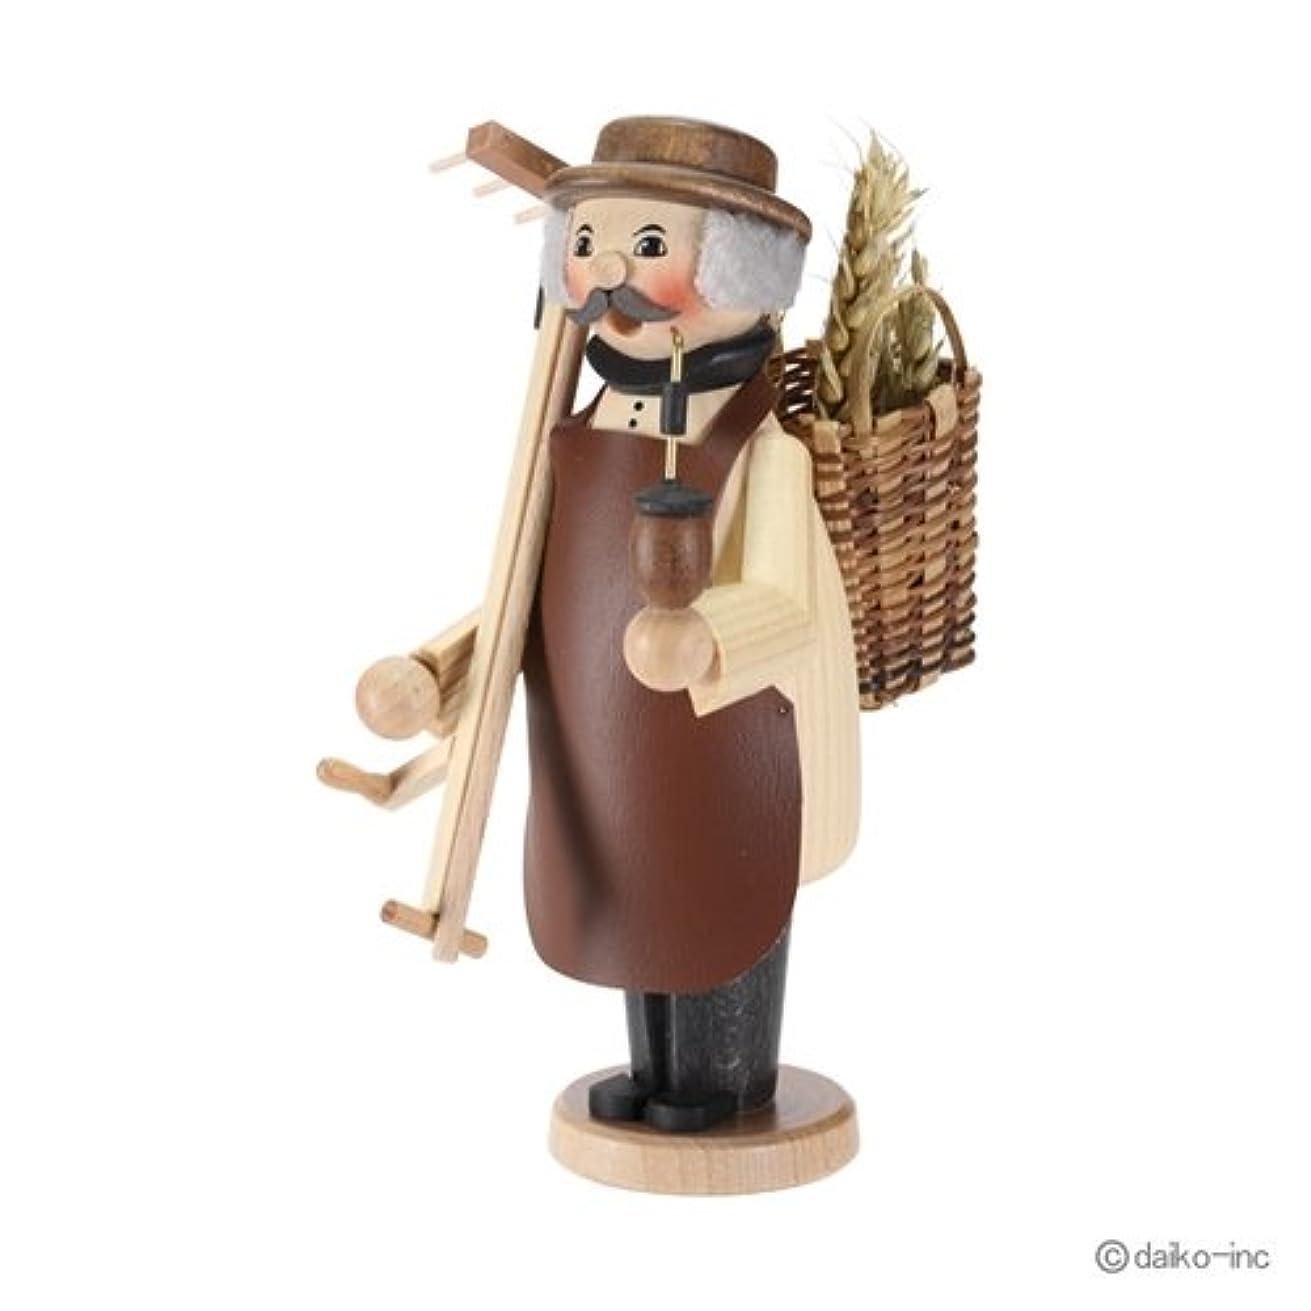 反毒若者妥協クーネルト kuhnert ミニパイプ人形香炉 農夫